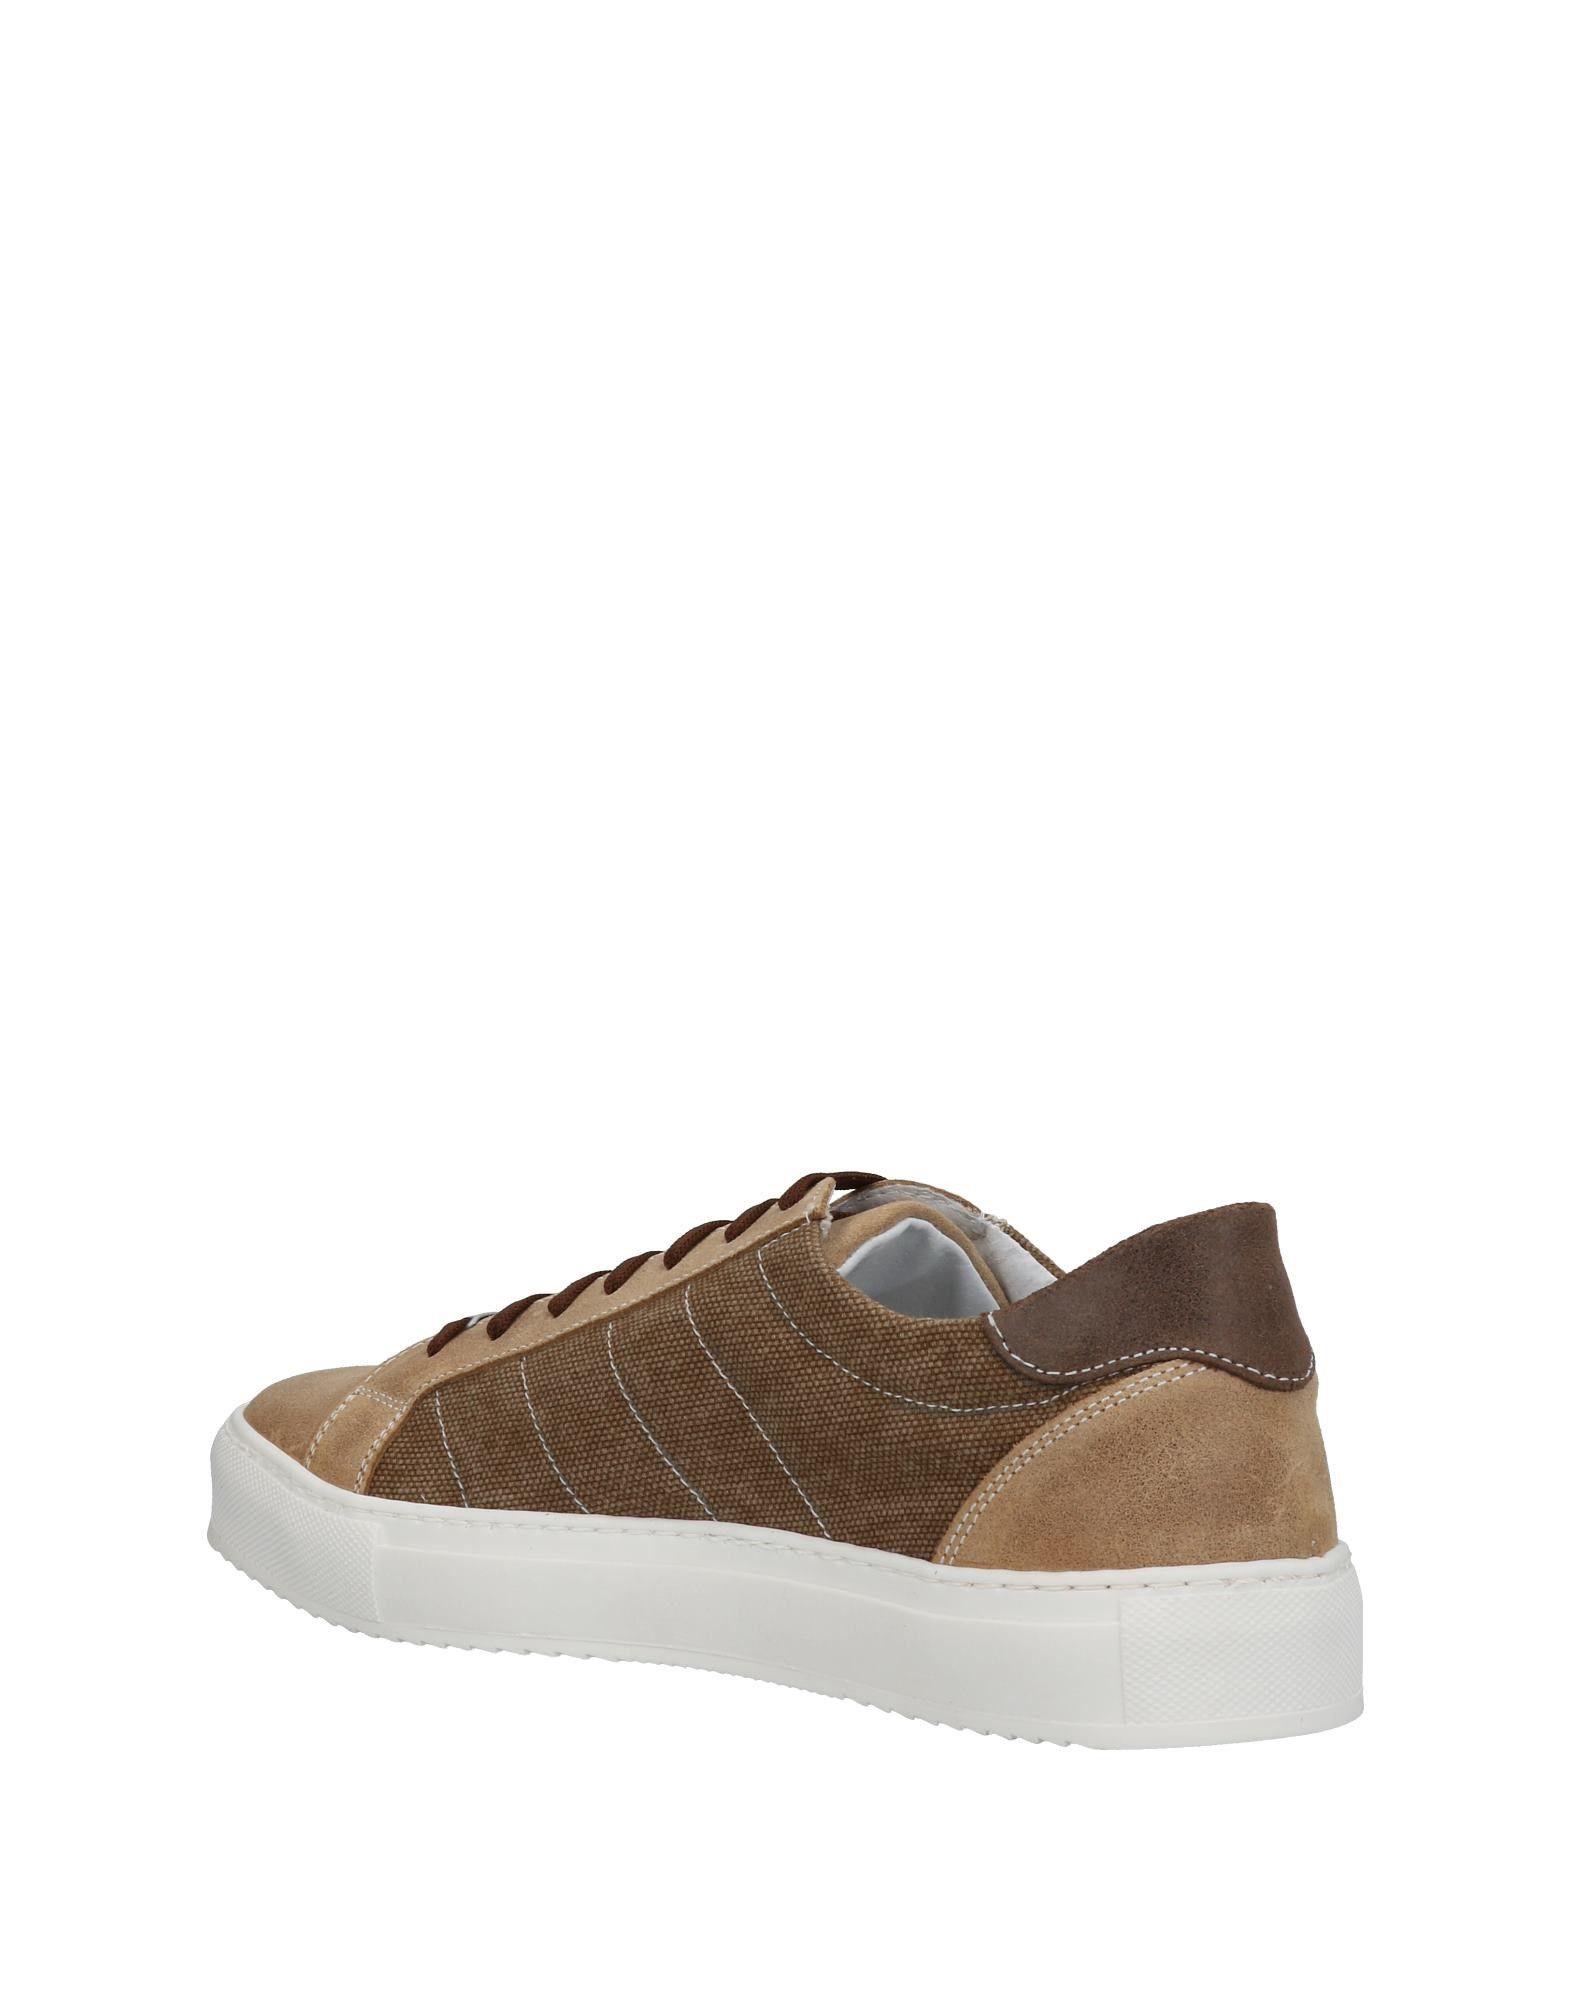 Sneakers Manuela Dardozzi Homme - Sneakers Manuela Dardozzi sur